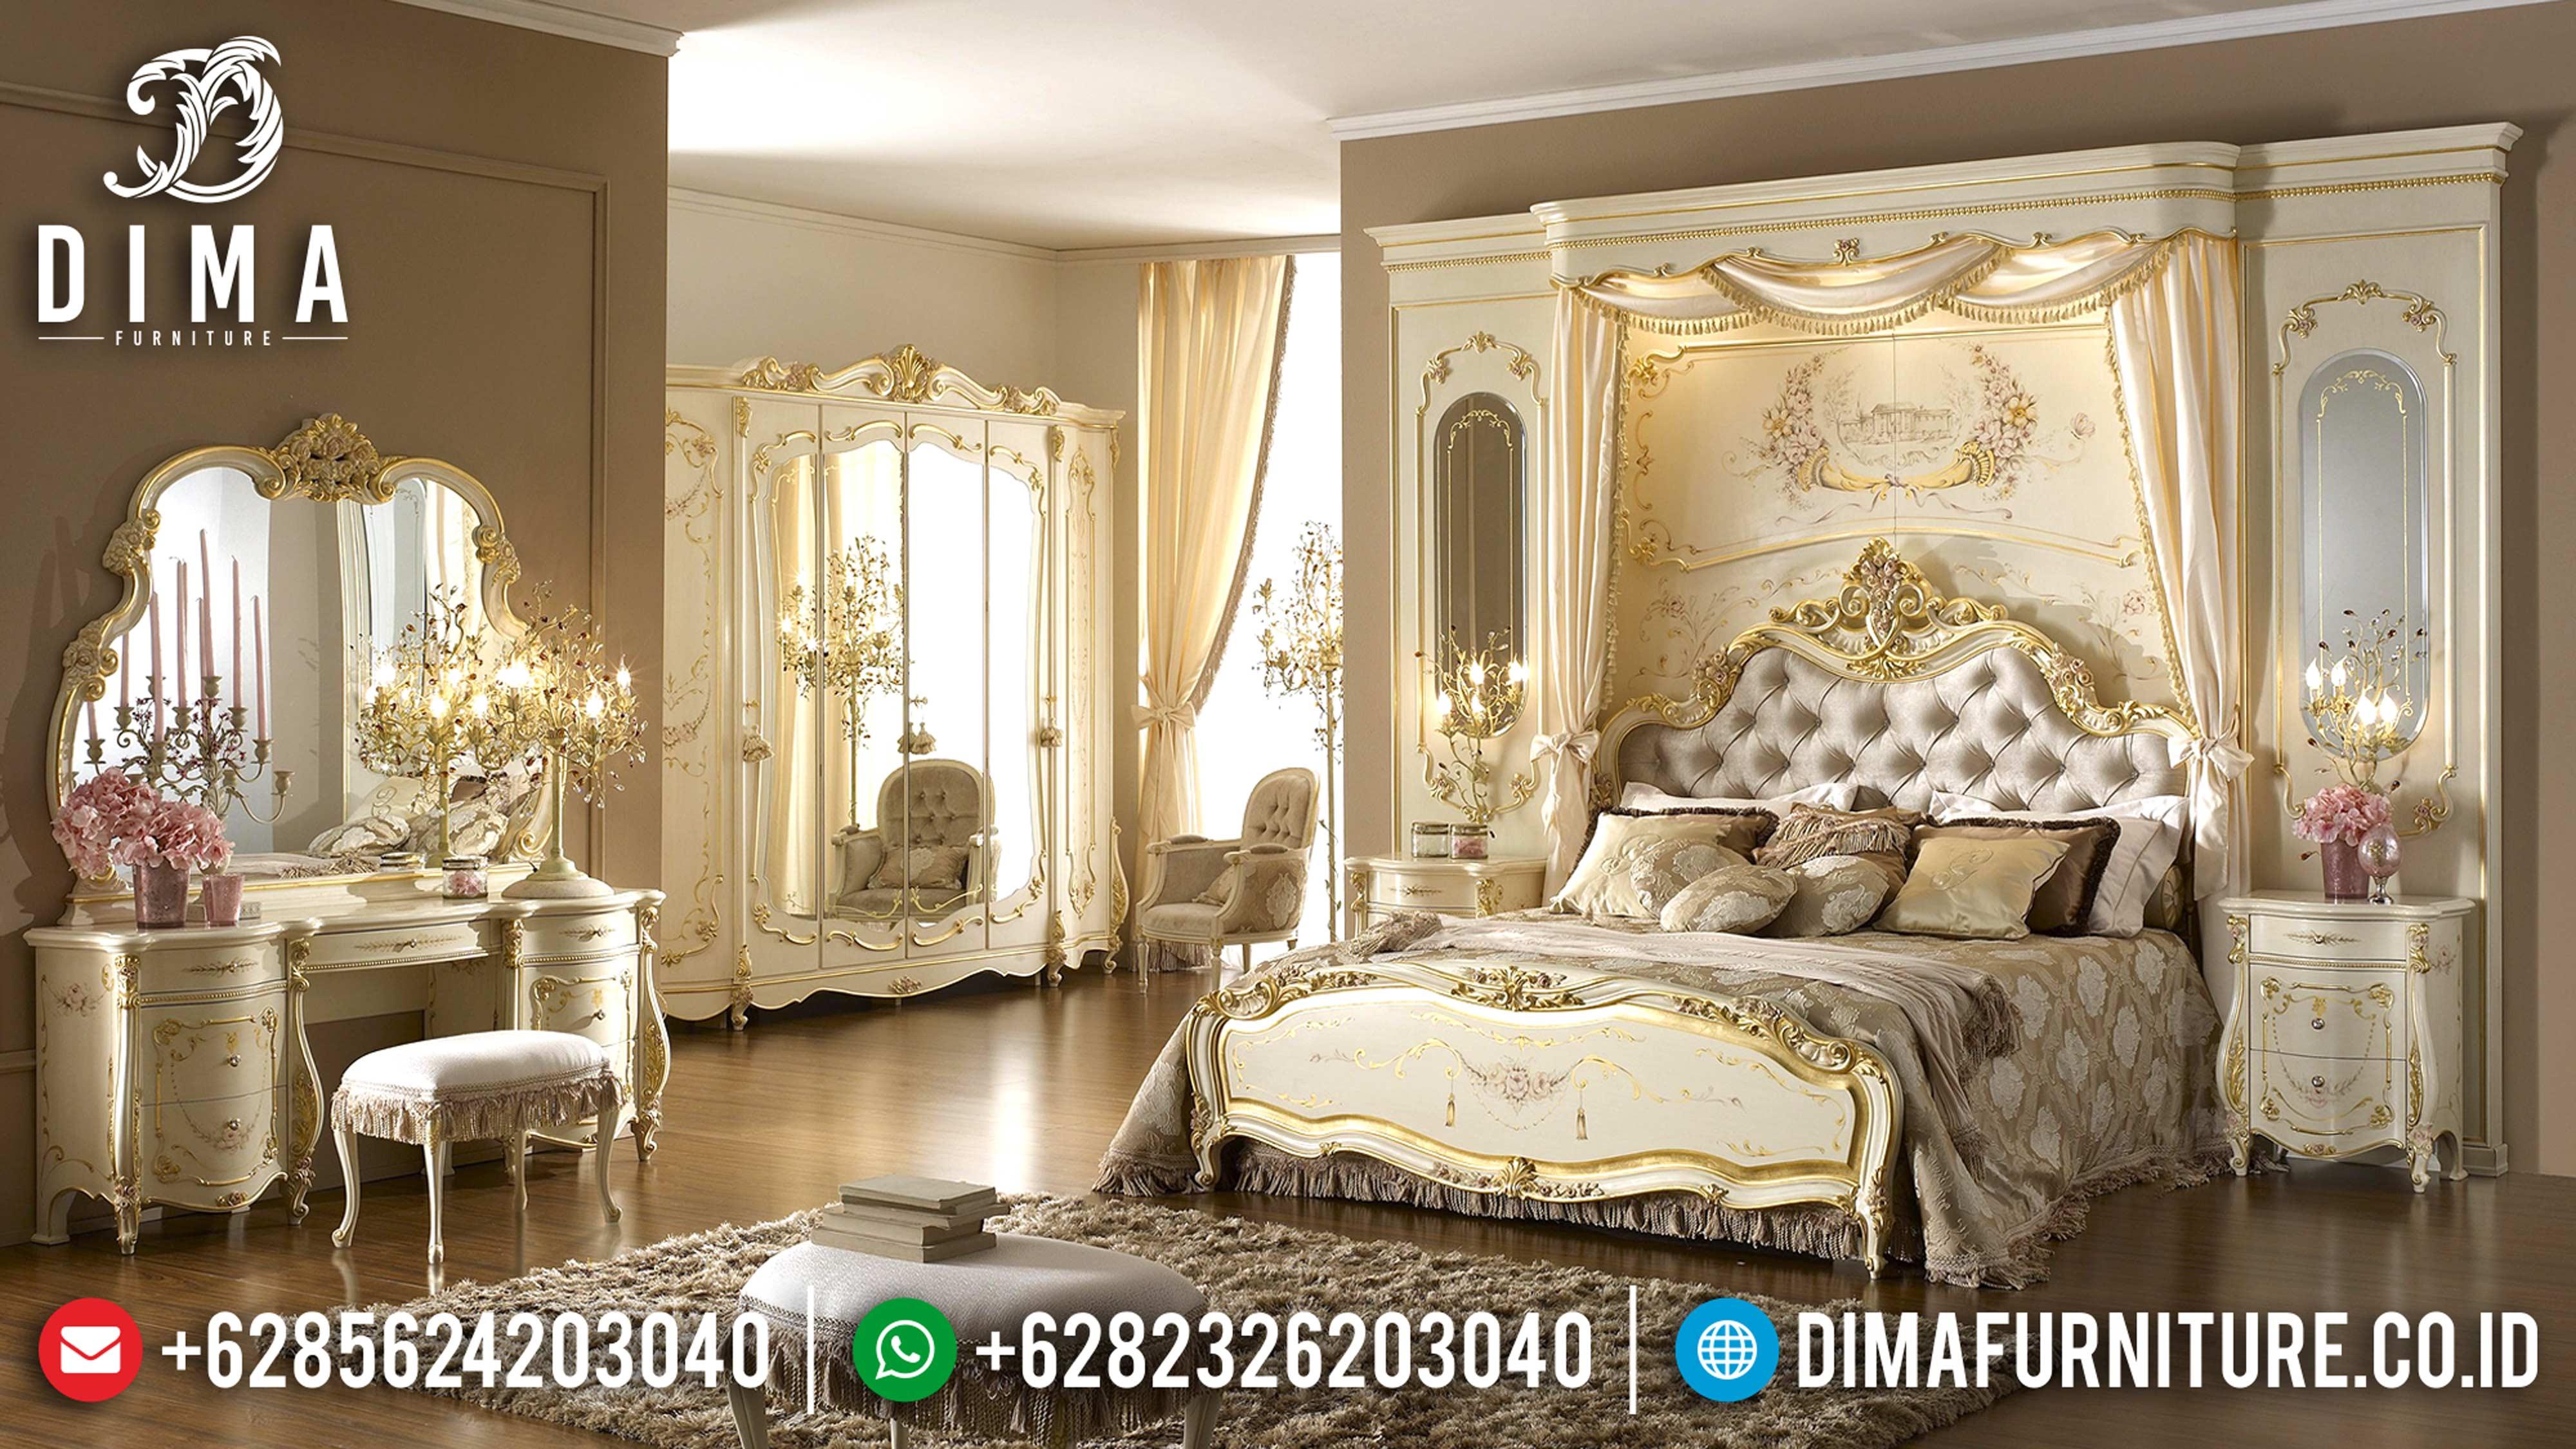 Klasik Furniture Set Tempat Tidur Mewah Ukiran Jepara Terbaru Monnalisa DF-0601